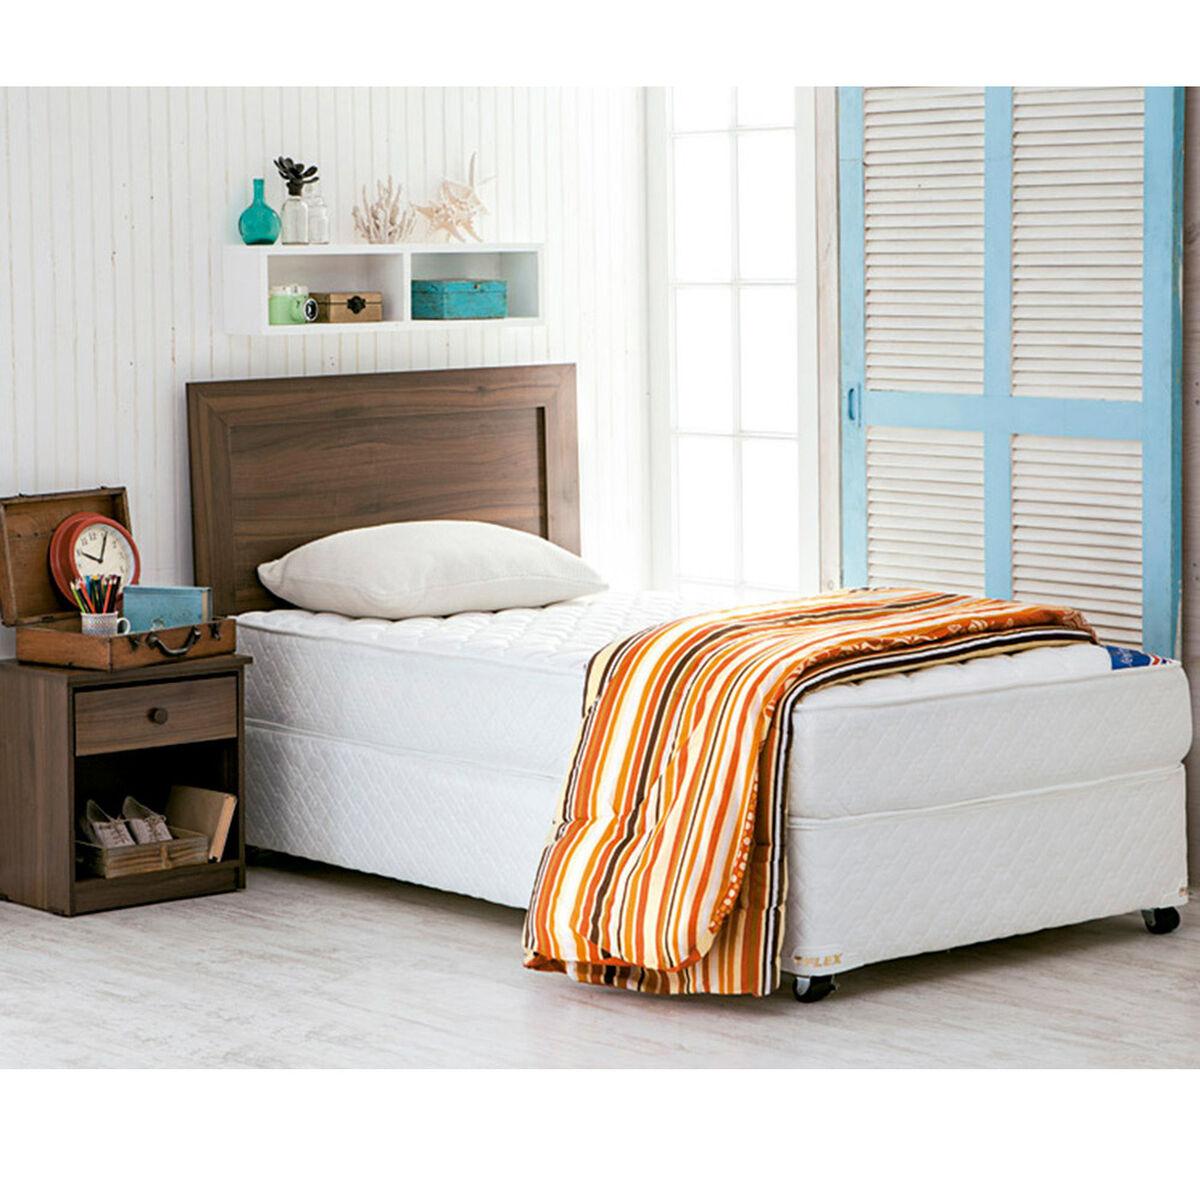 Cama Americana Flex New Entree 1,5 Plazas + Set Maderas Asturias + Textil